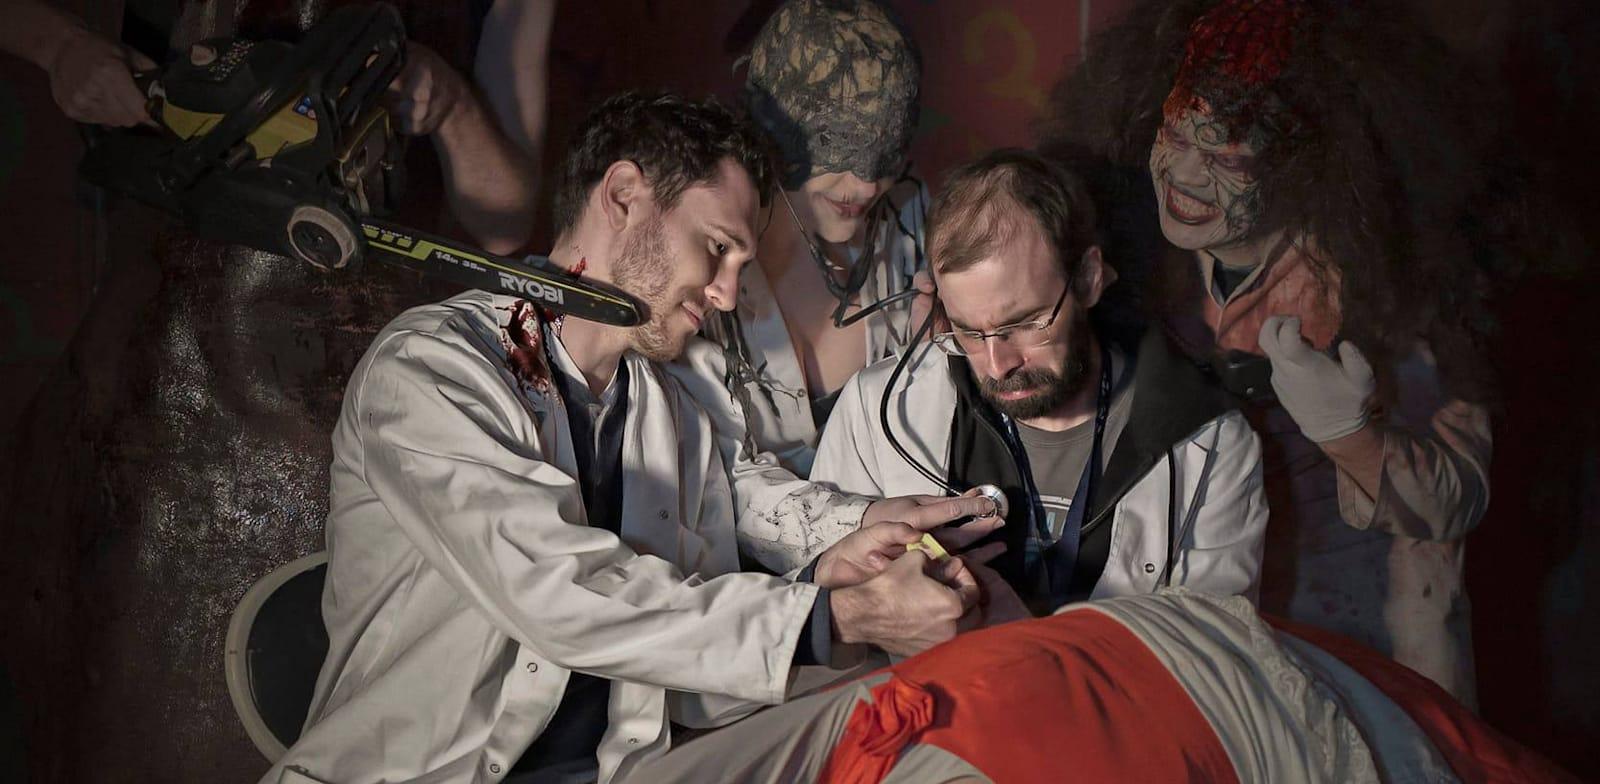 קולטן סקריבנר (באמצע) בסצנה מבוימת / צילום: Jacob Papso